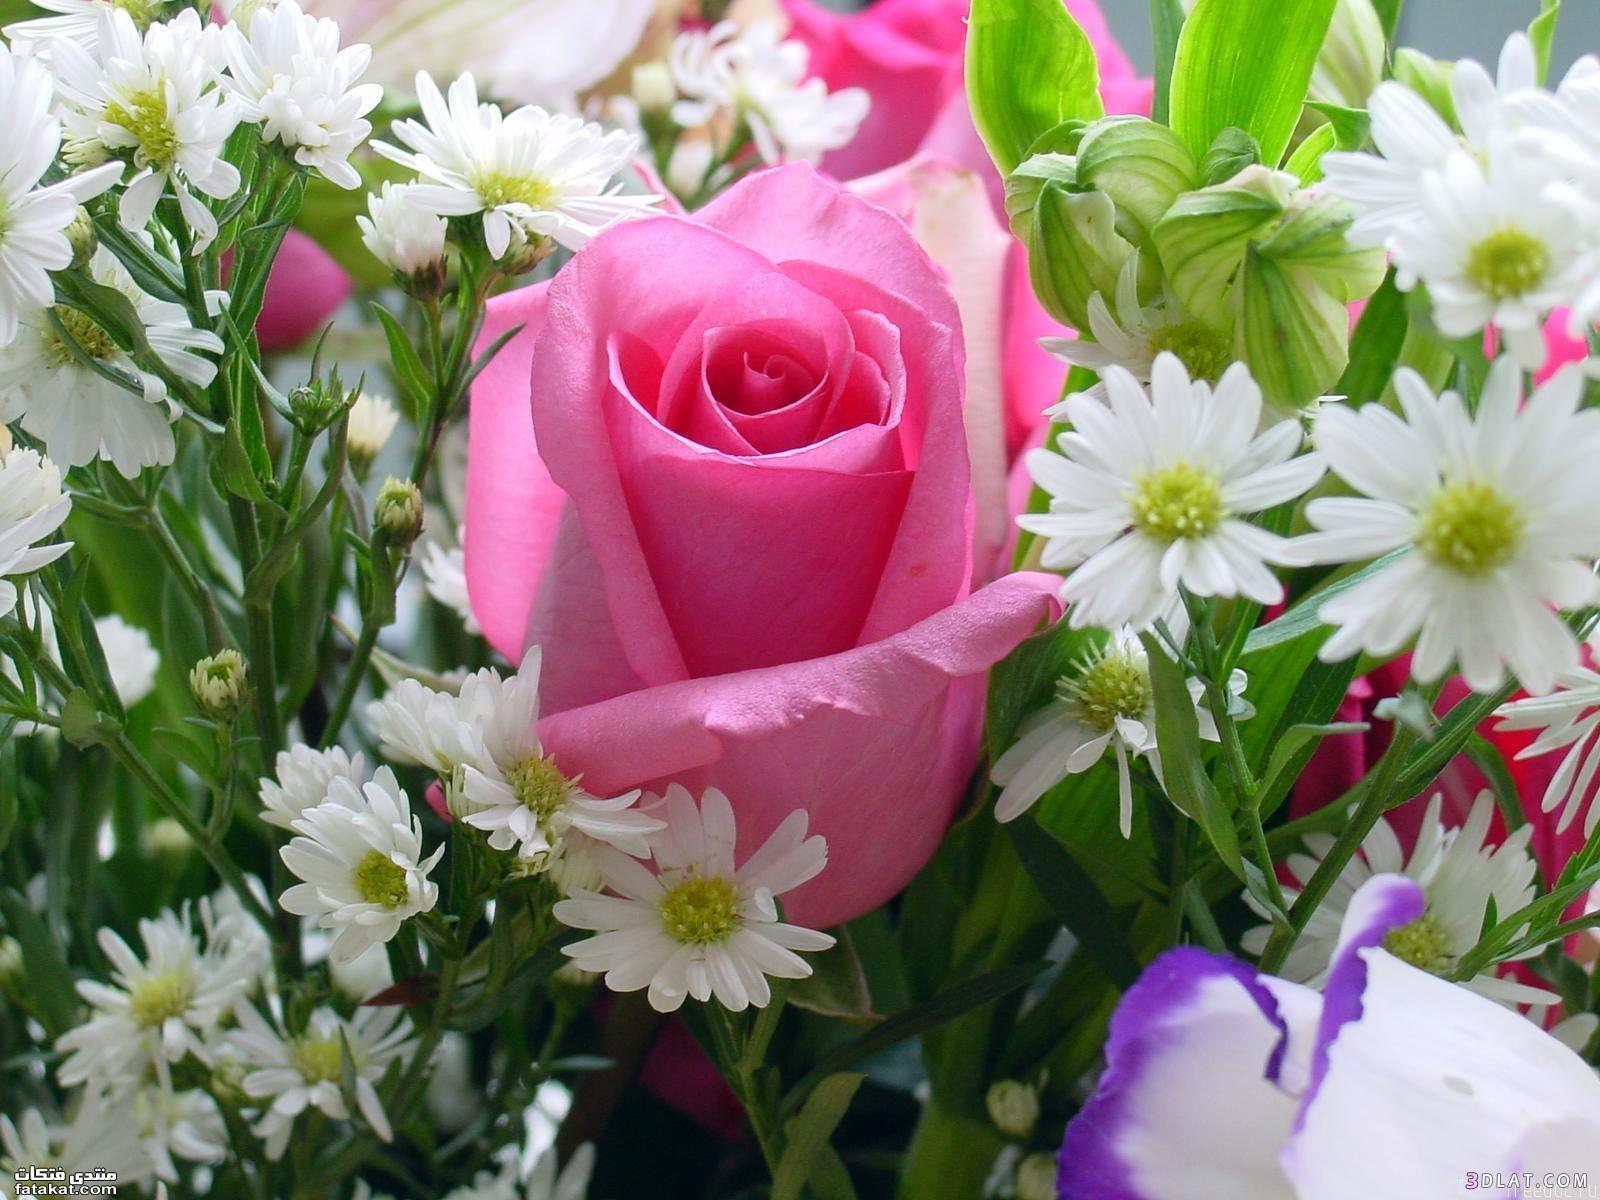 سواروفسكي بمجموعة الوردي الناعمةرسومات حنة لاحلى عروسةصور روعة لاحلي تورتاحلى